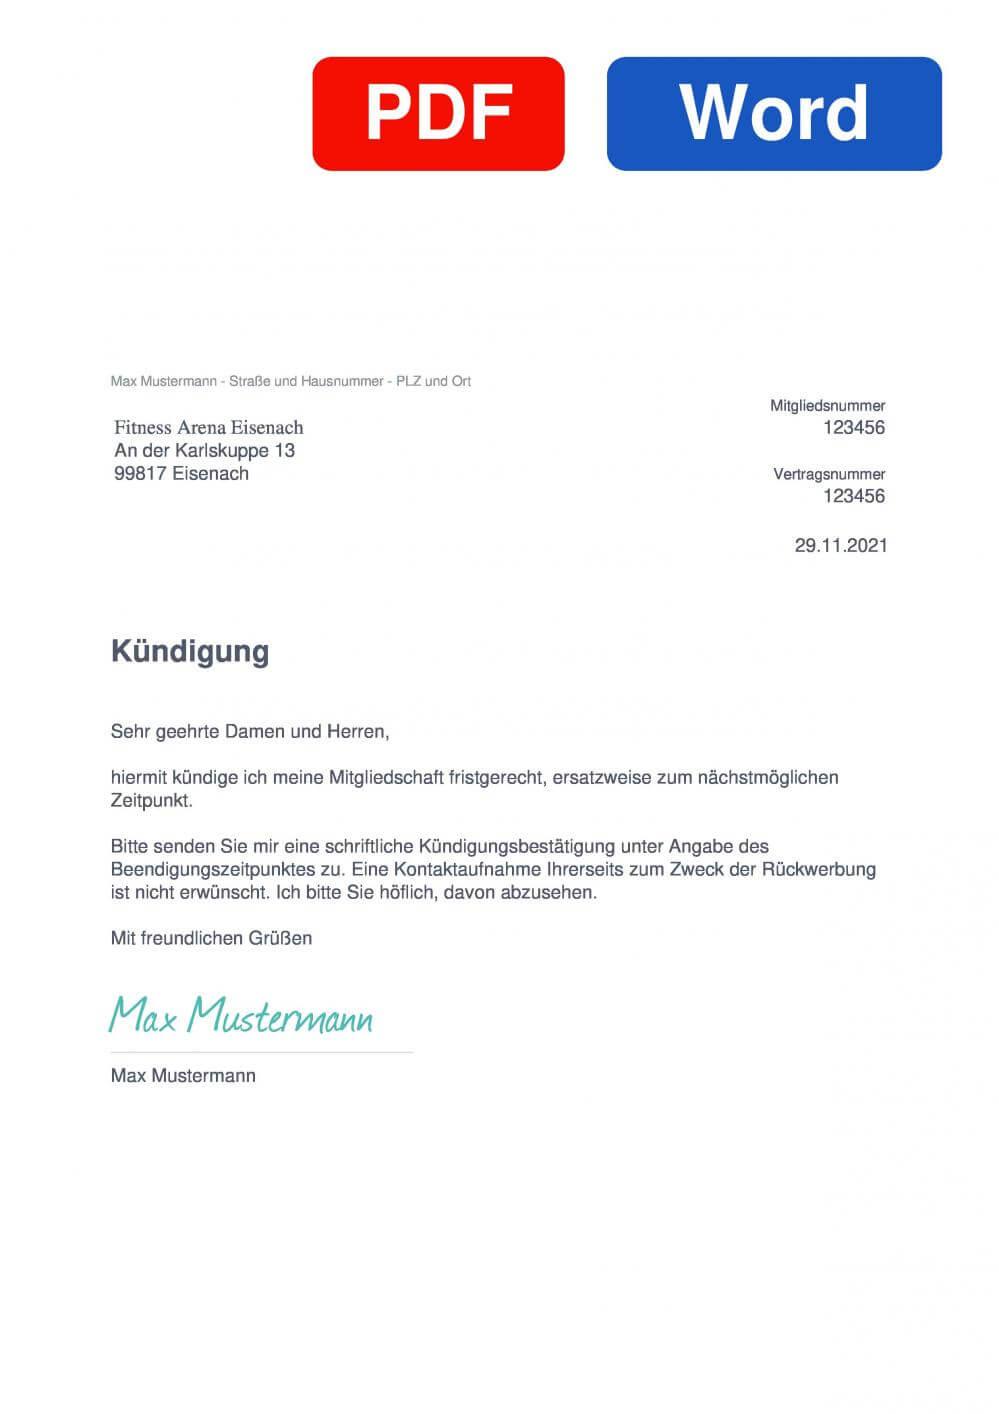 Fitness Arena Eisenach Muster Vorlage für Kündigungsschreiben